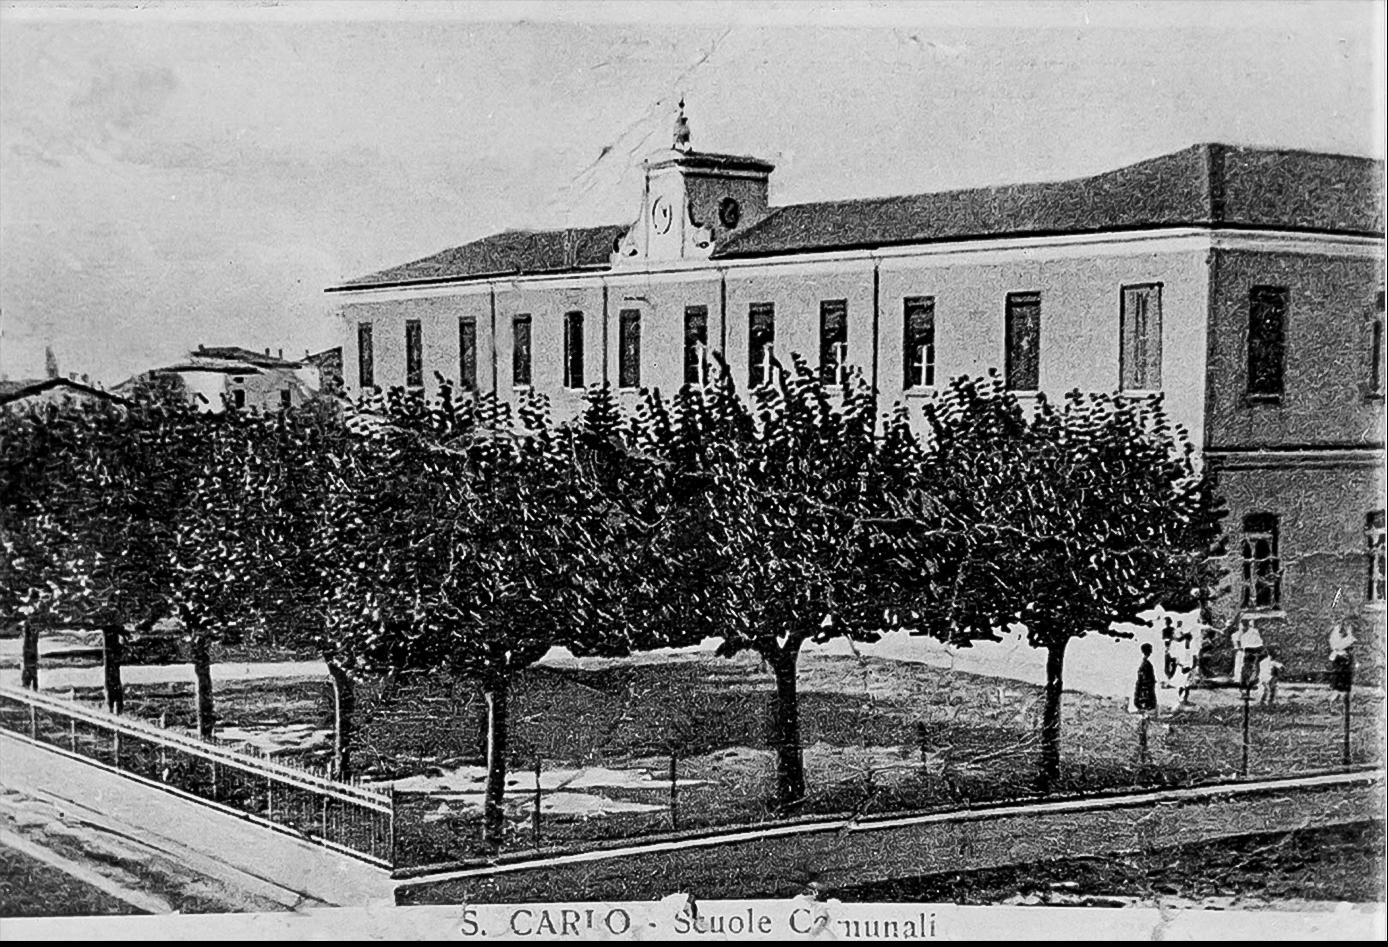 1920 Scuole Elementari San Carlo